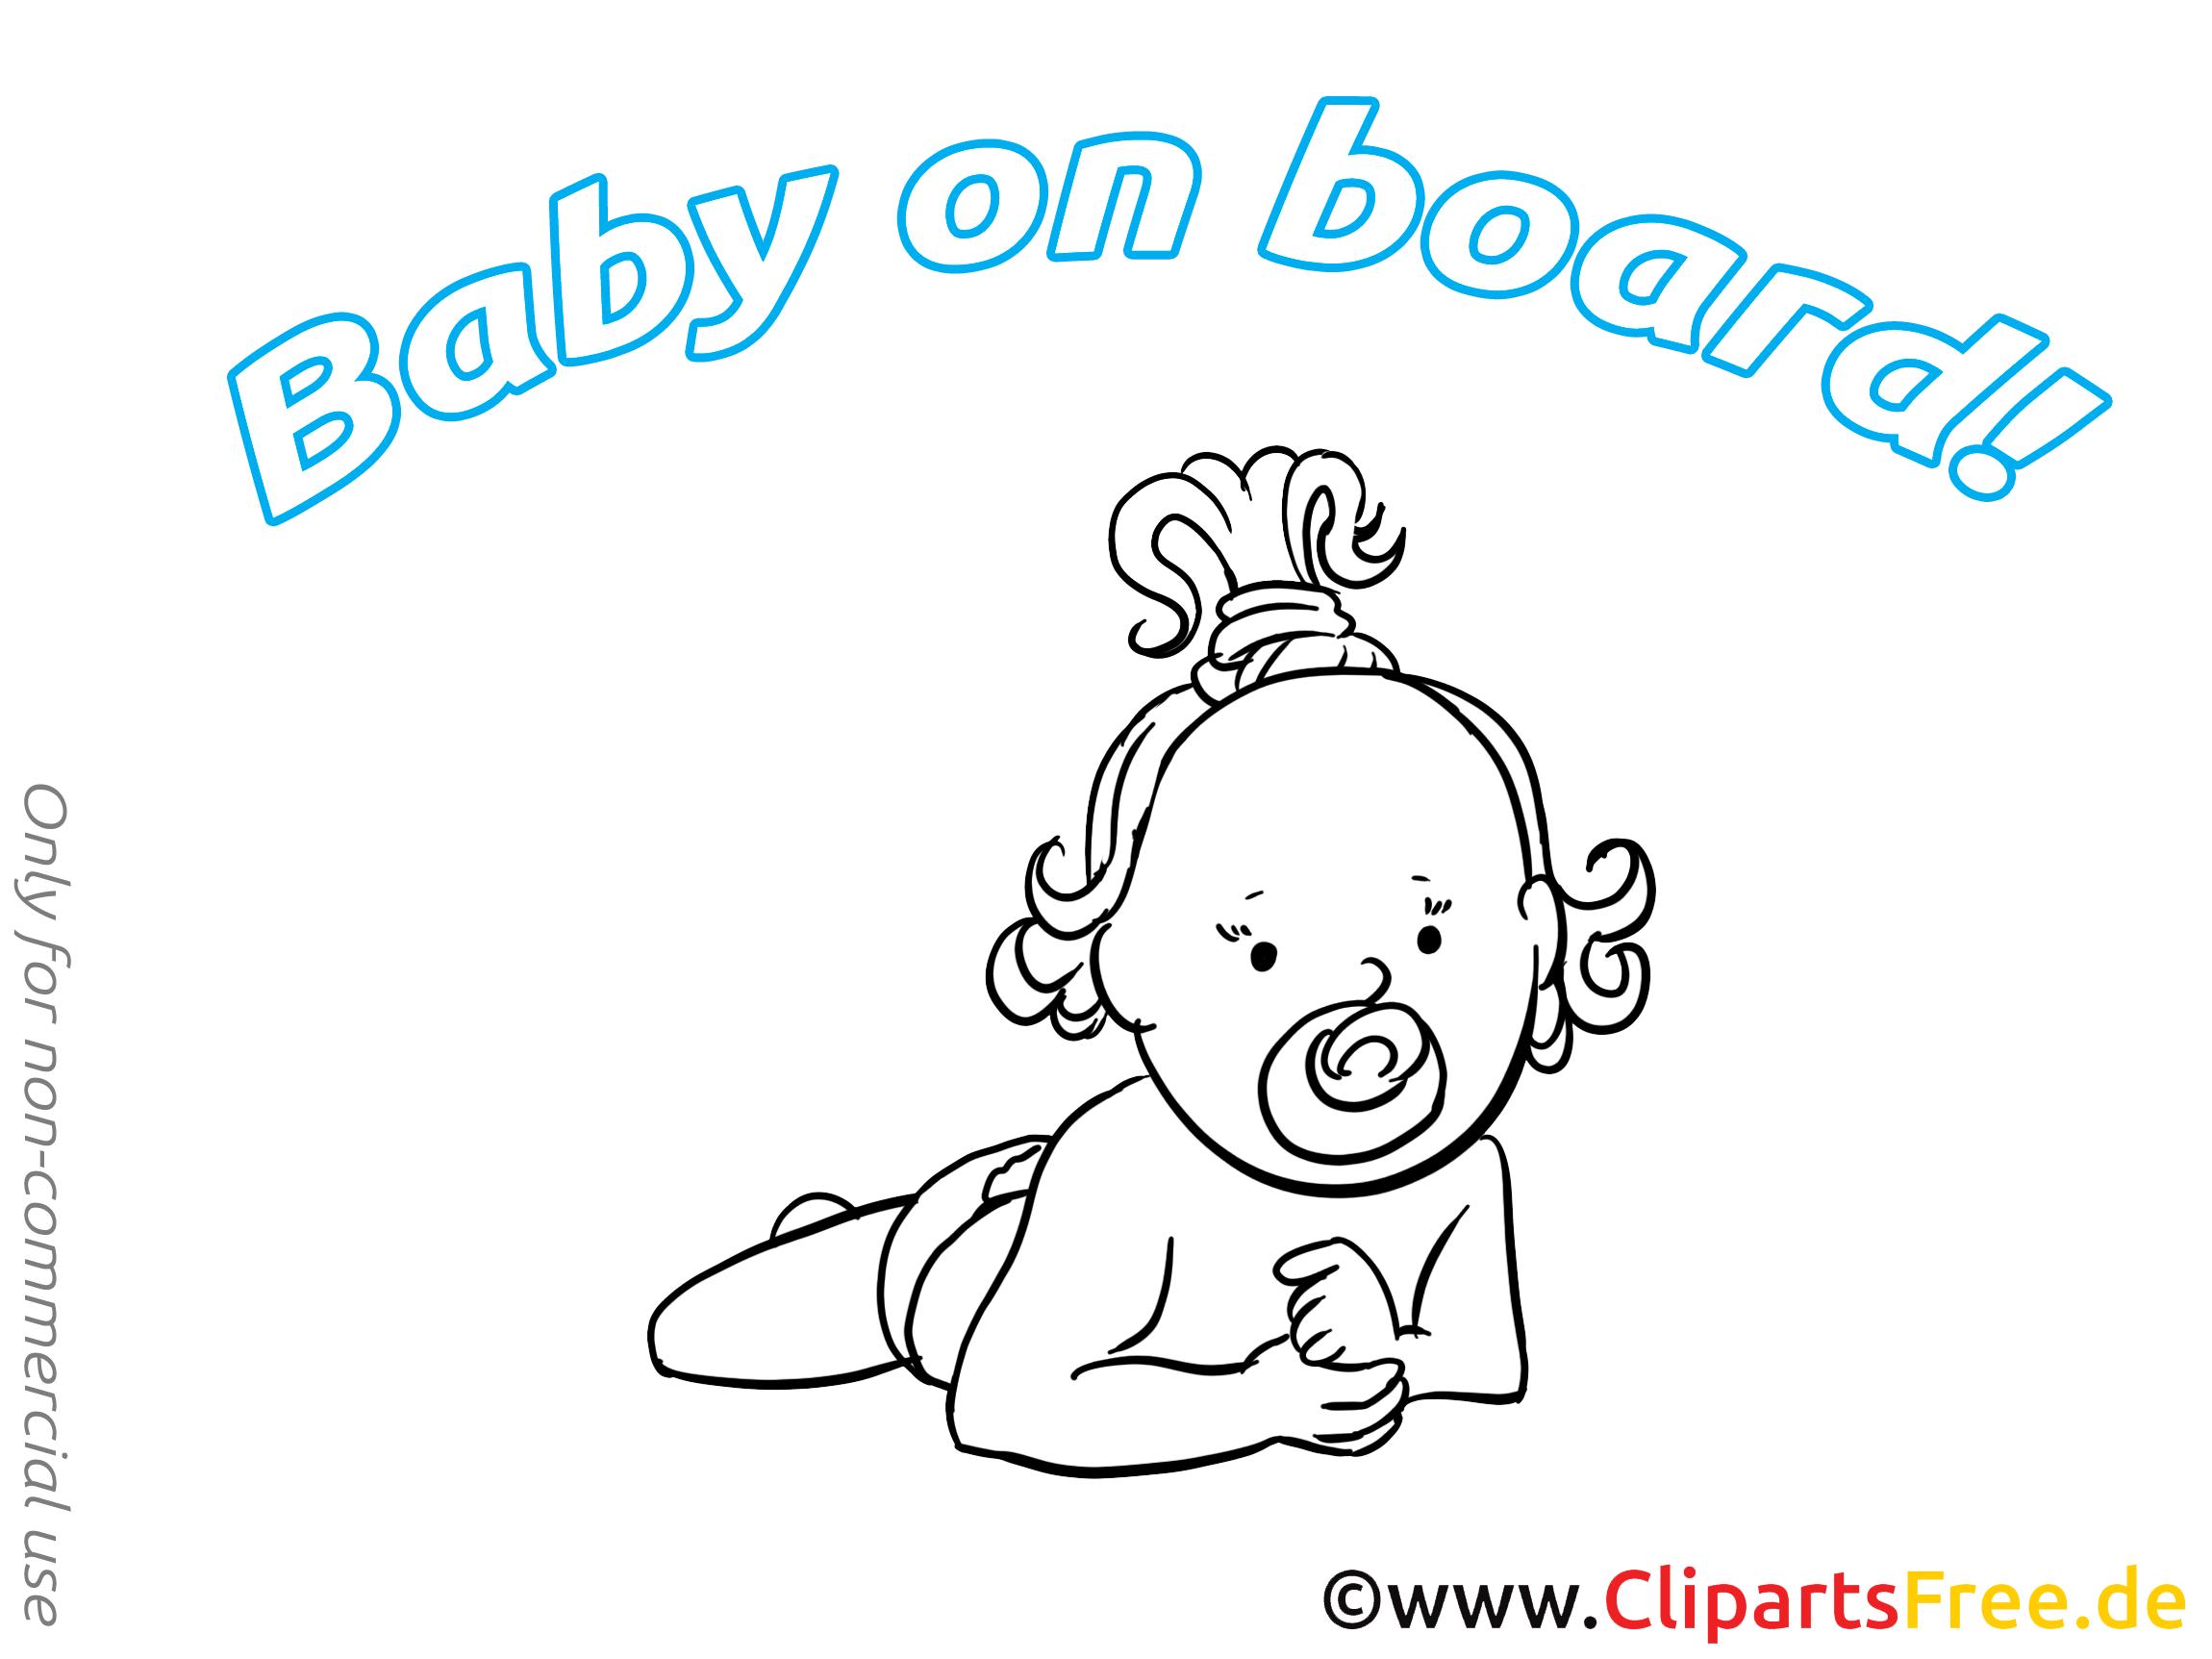 Dessin gratuit à imprimer bébé à bord image